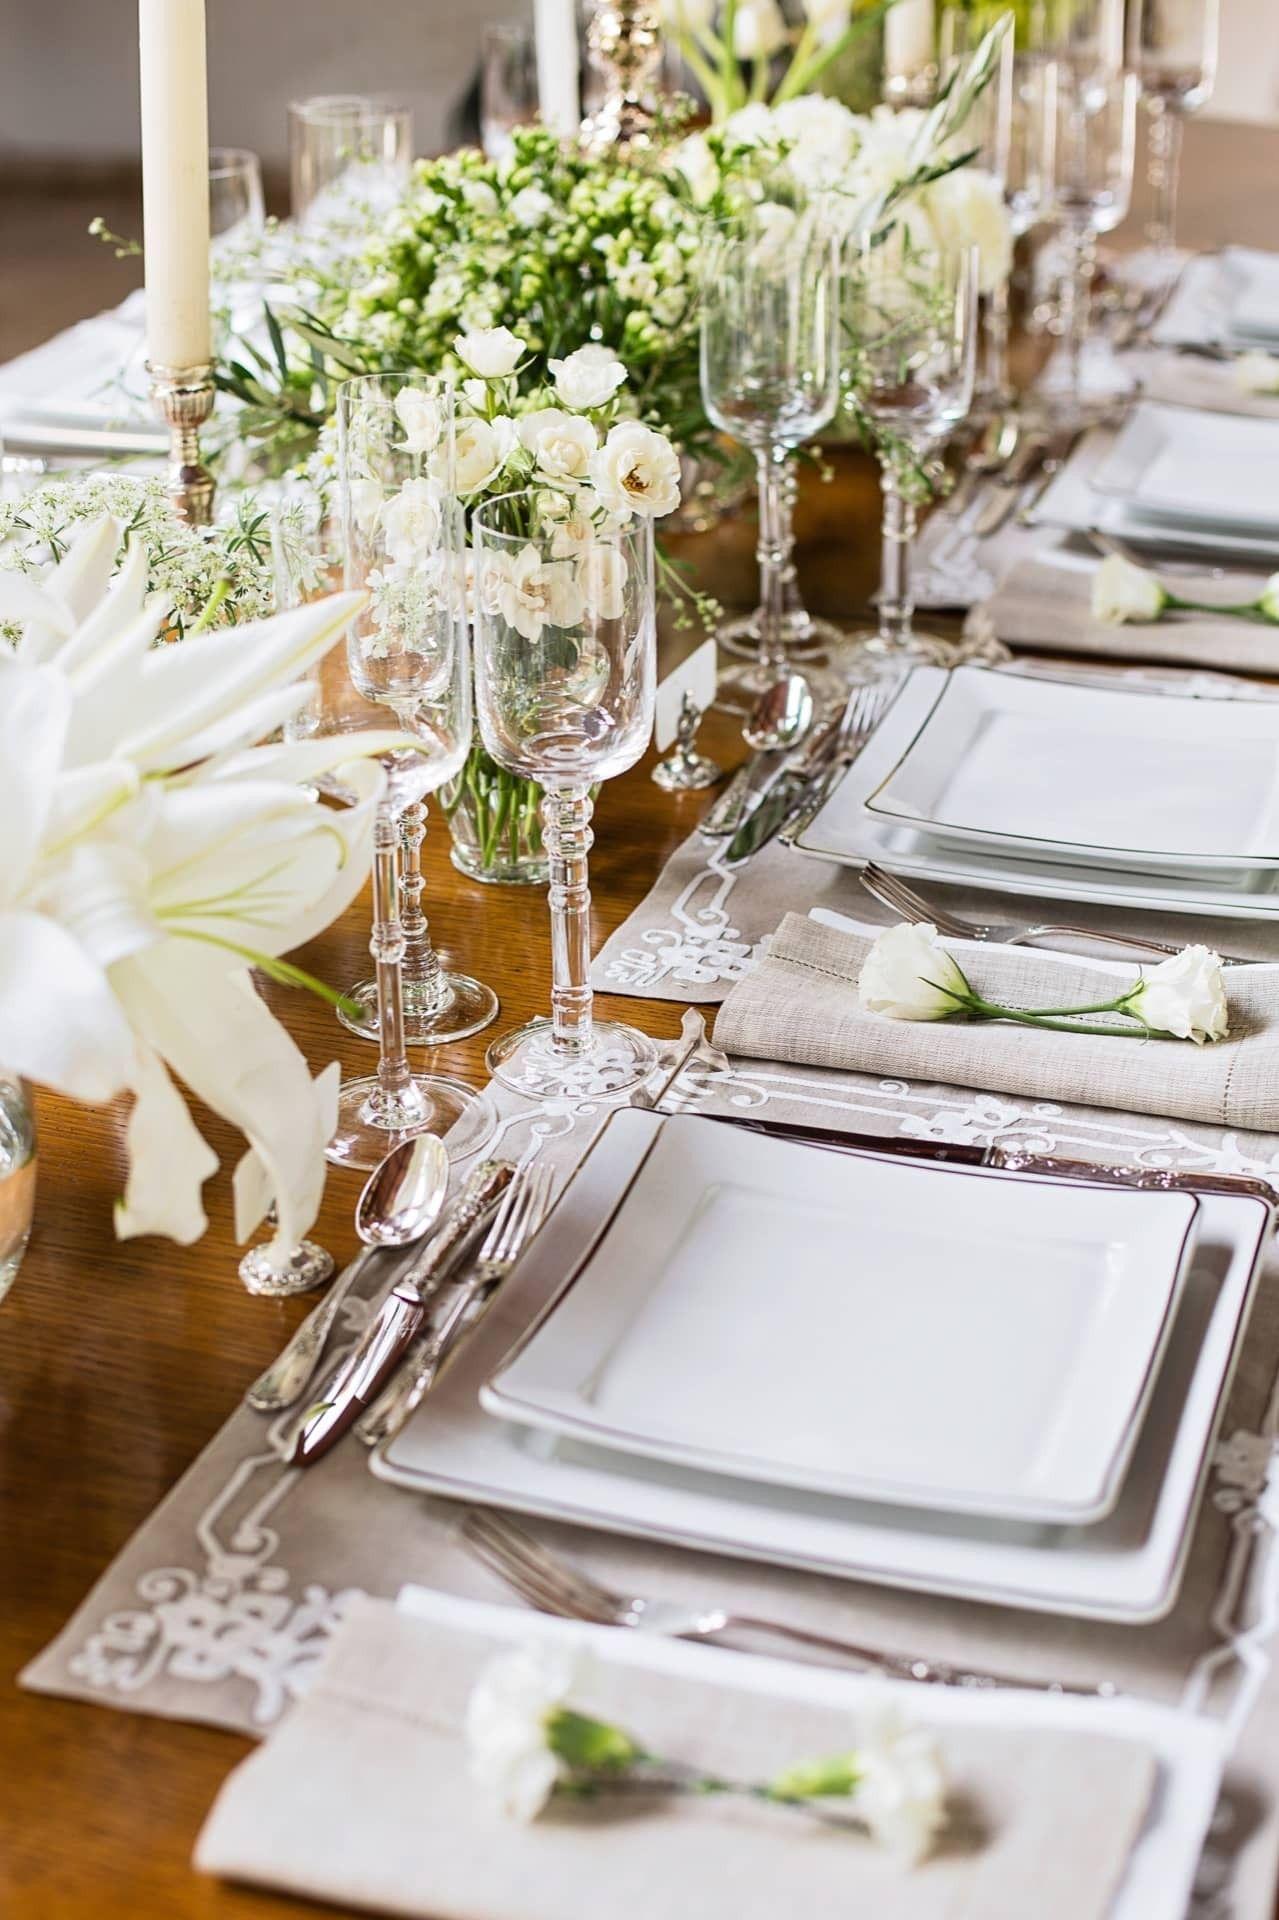 Mesa posta para jantar especial com aparelho de jantar quadrado